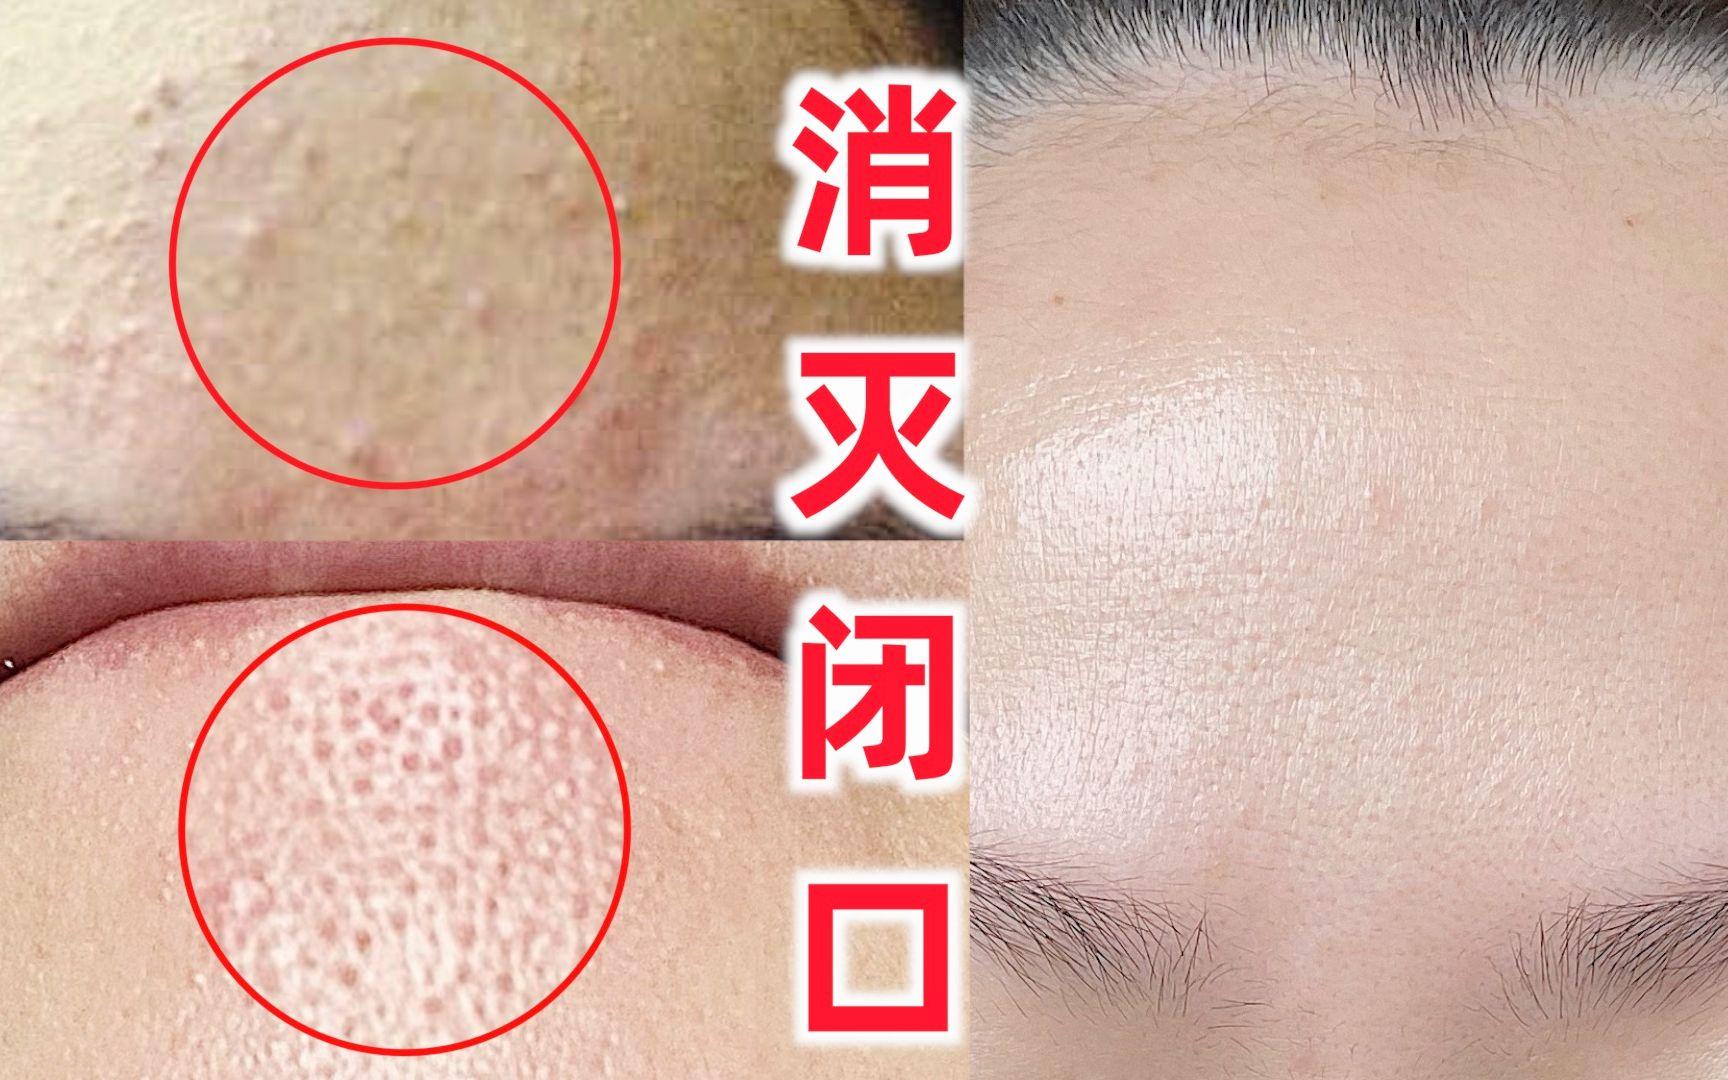 28天清除闭口 日本美容师教你在家正确刷酸去闭口